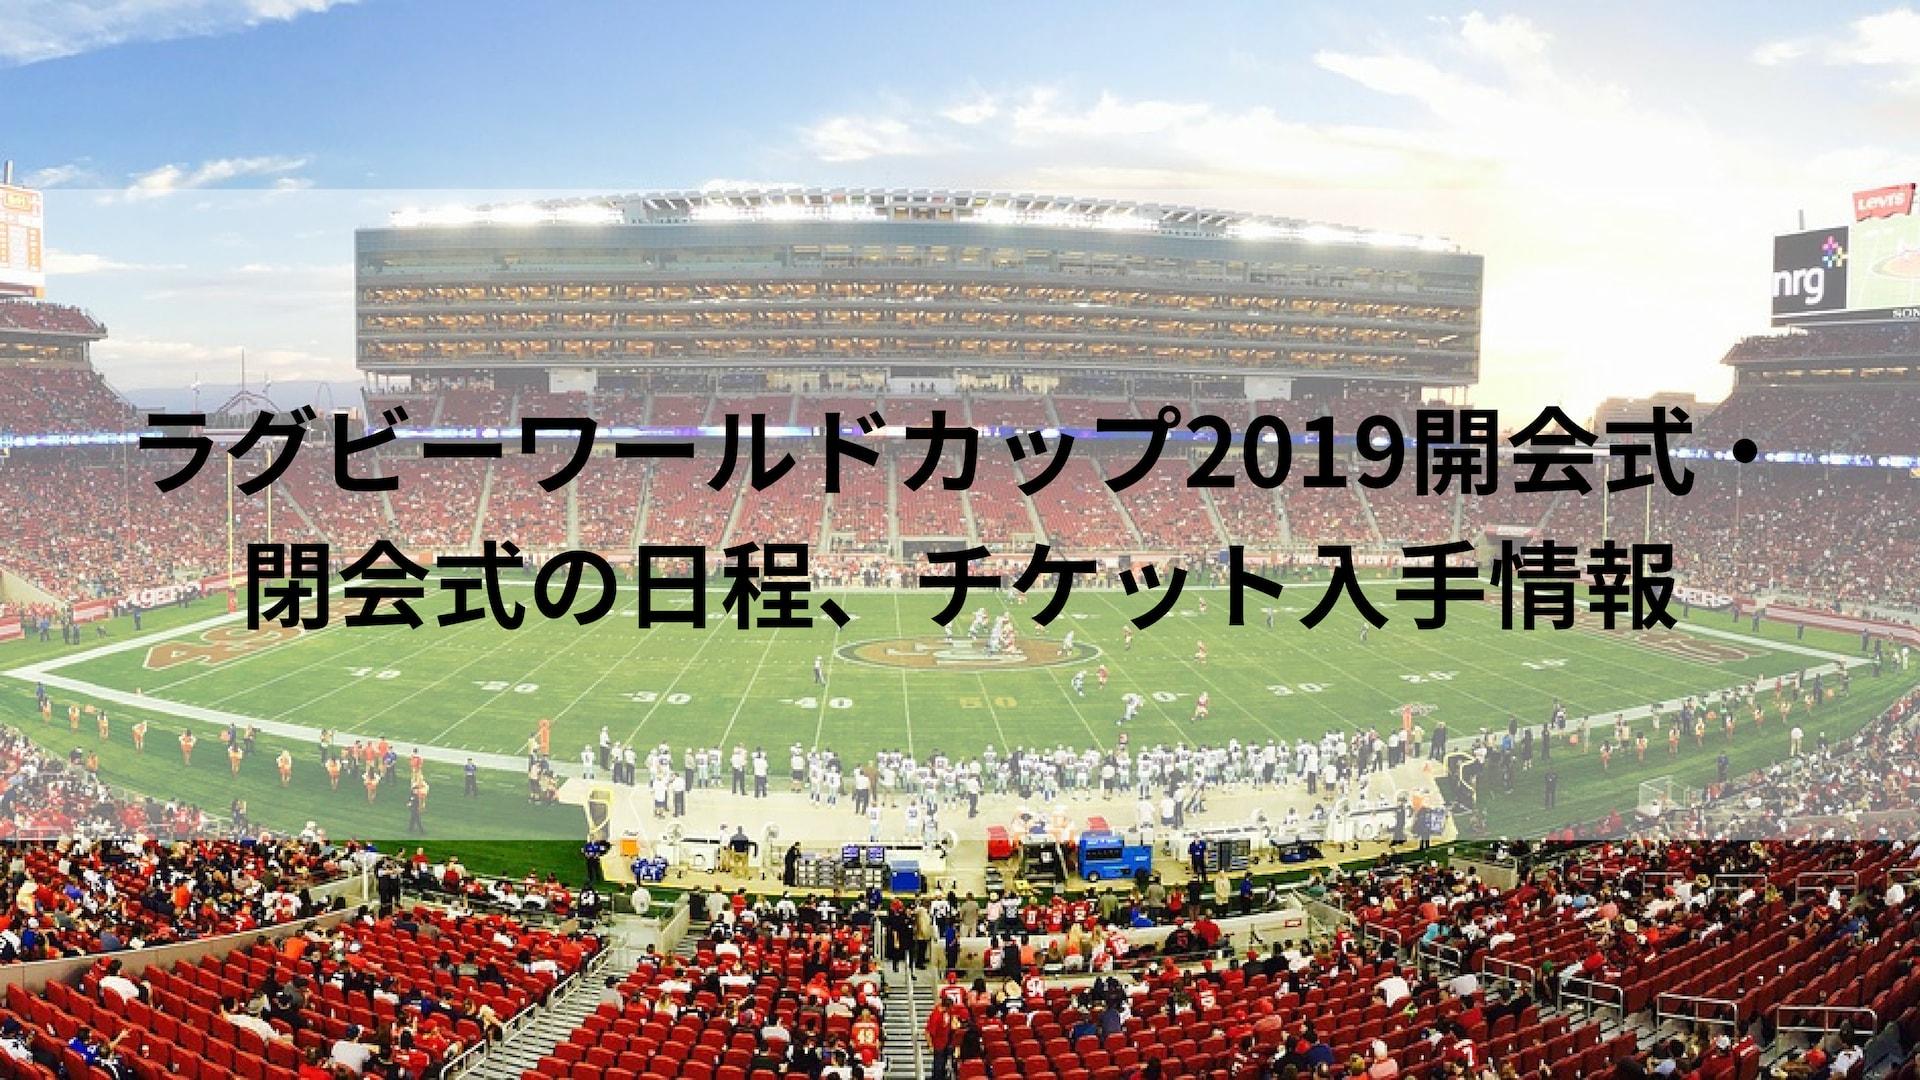 ラグビーワールドカップ2019開会式